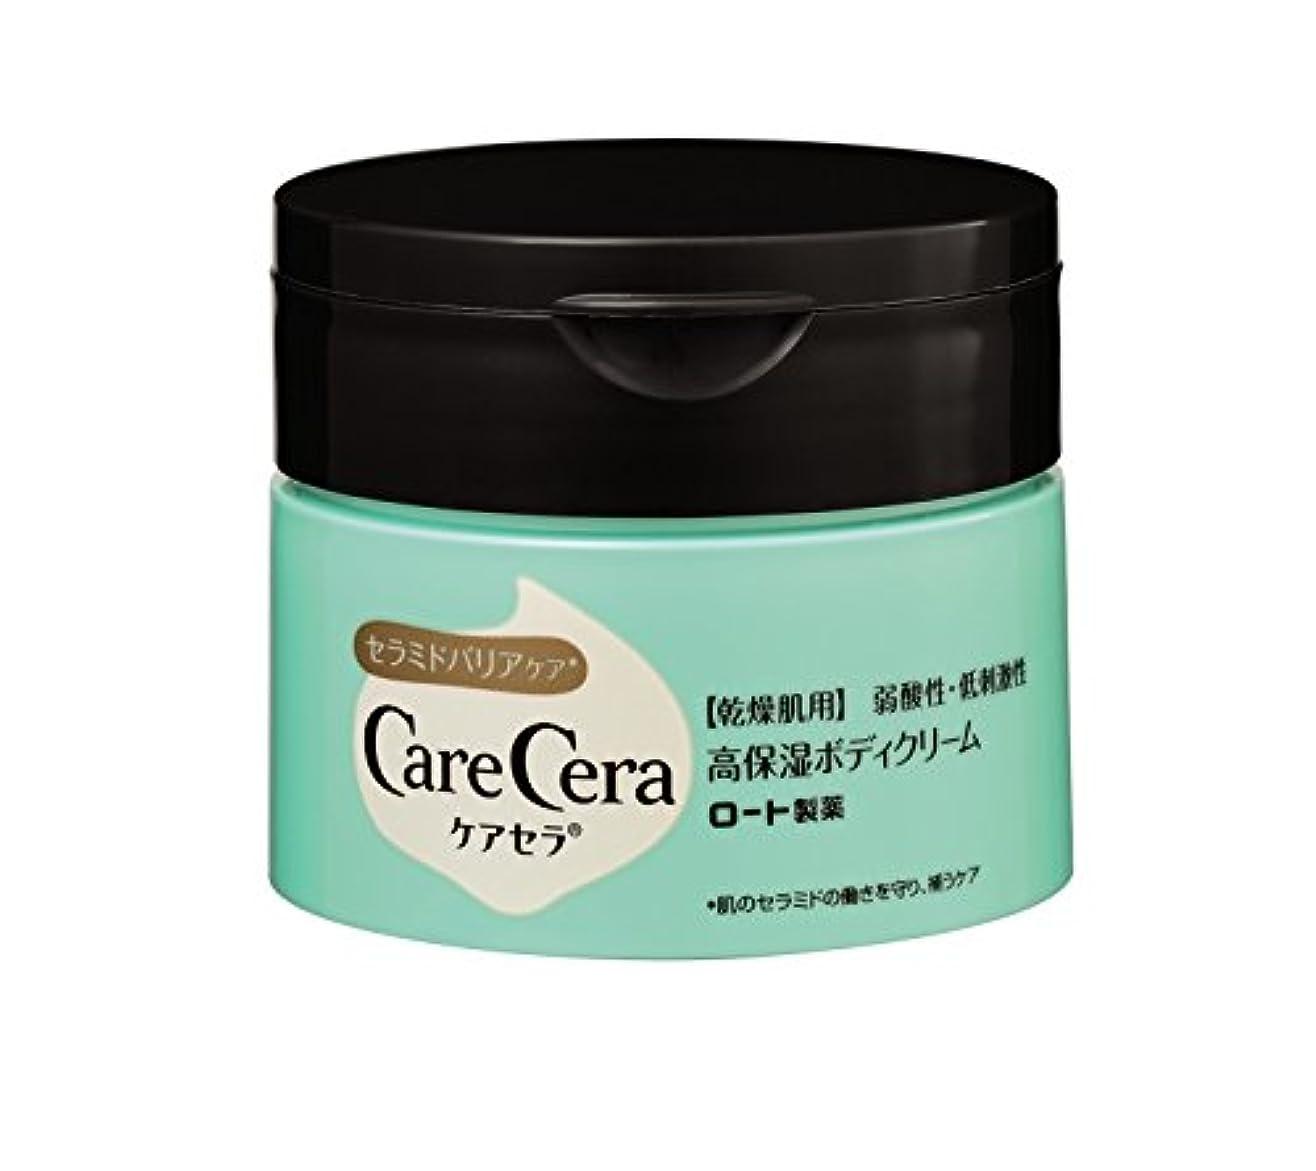 パワーセル提供する超越するCareCera(ケアセラ) 高保湿 ボディクリーム 100g